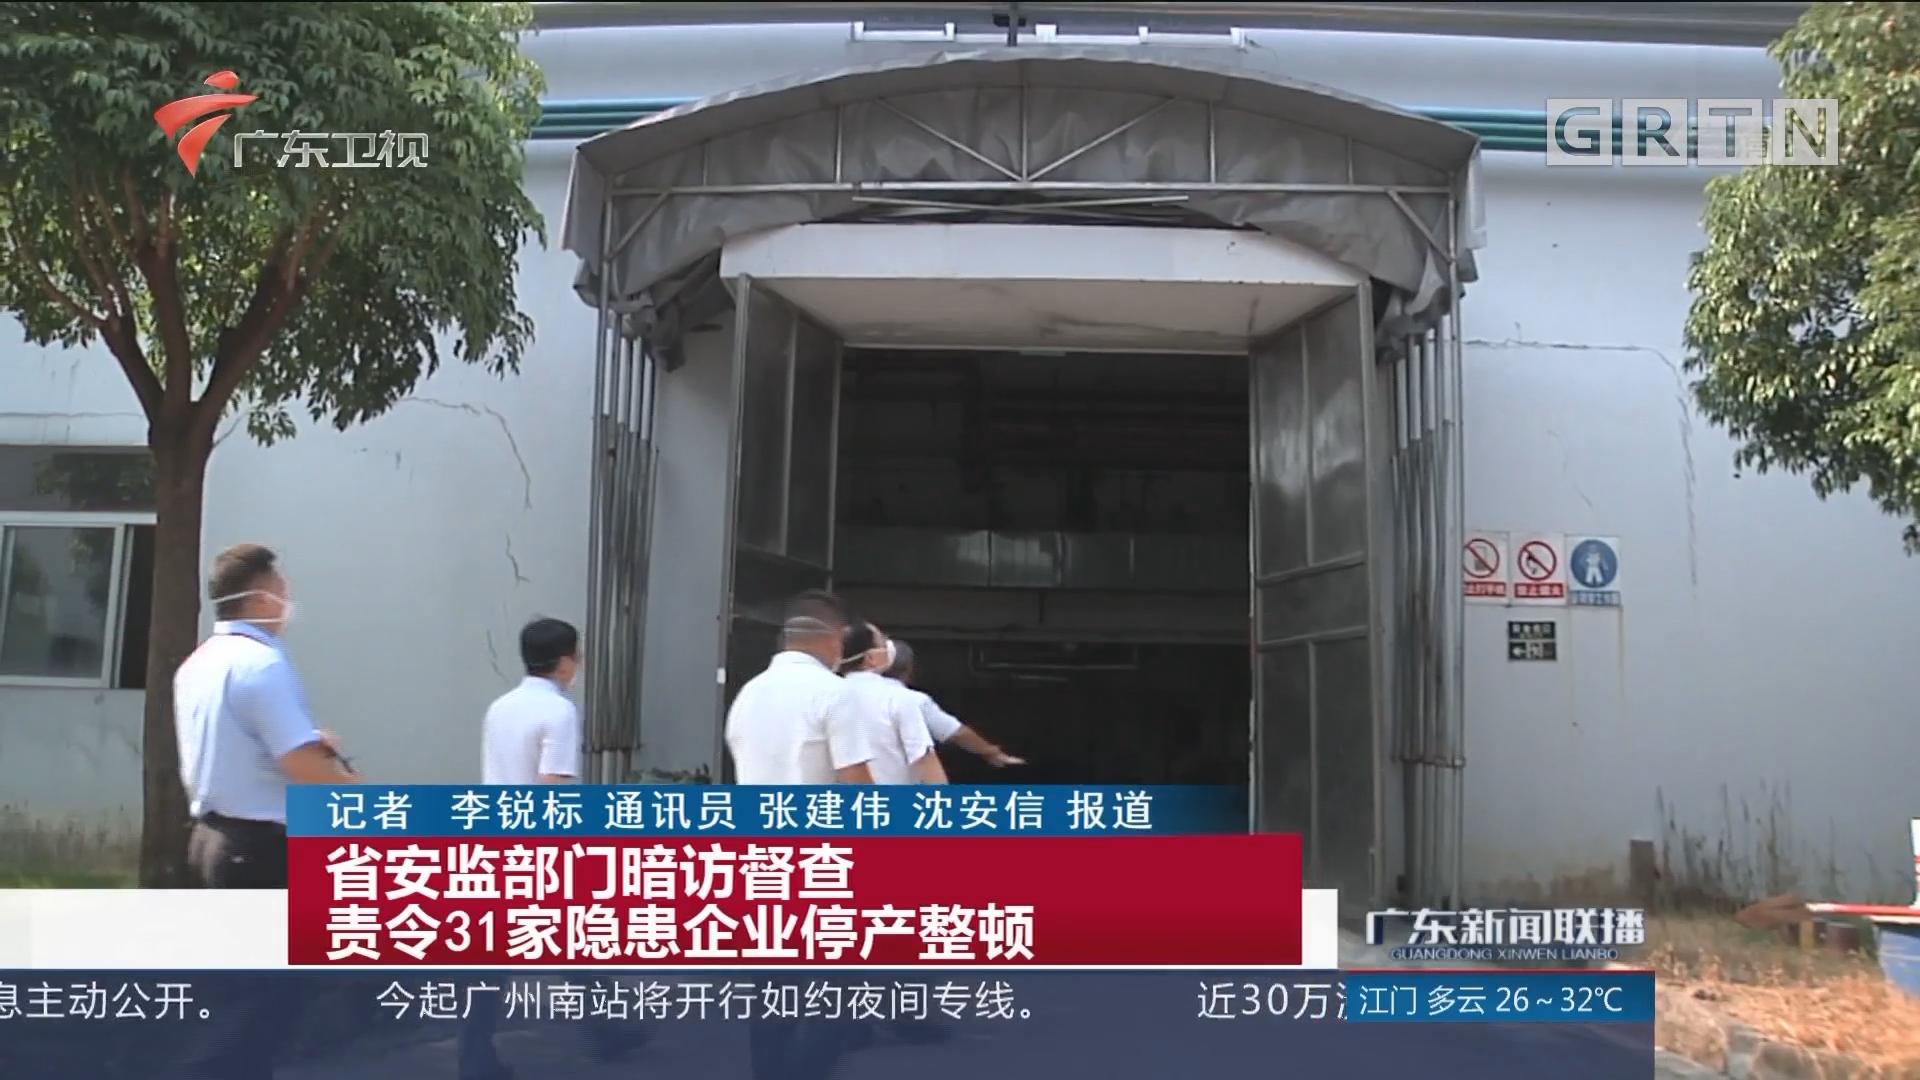 省安监部门暗访督查 责令31家隐患企业停产整顿